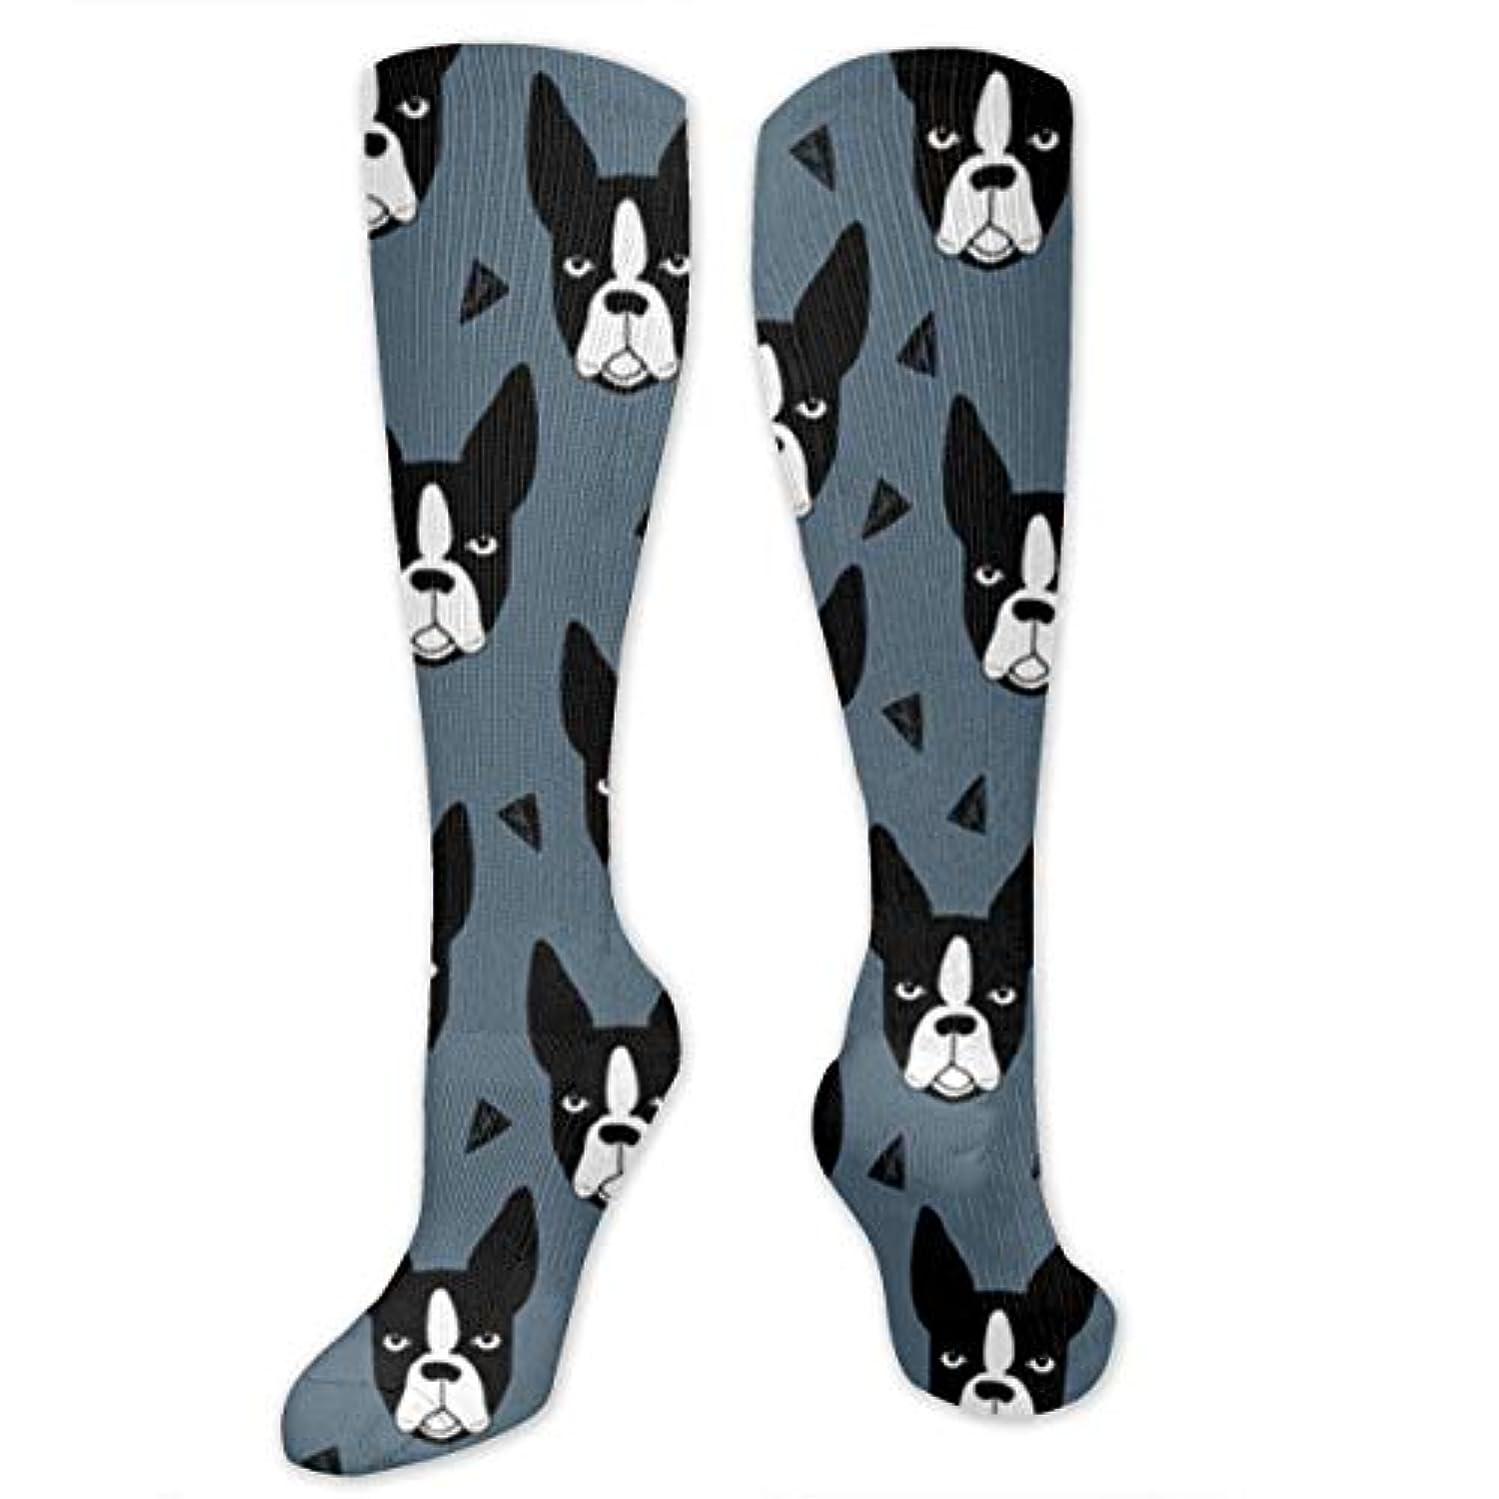 変な正午ベギン靴下,ストッキング,野生のジョーカー,実際,秋の本質,冬必須,サマーウェア&RBXAA Boston Terrier Socks Women's Winter Cotton Long Tube Socks Knee High...